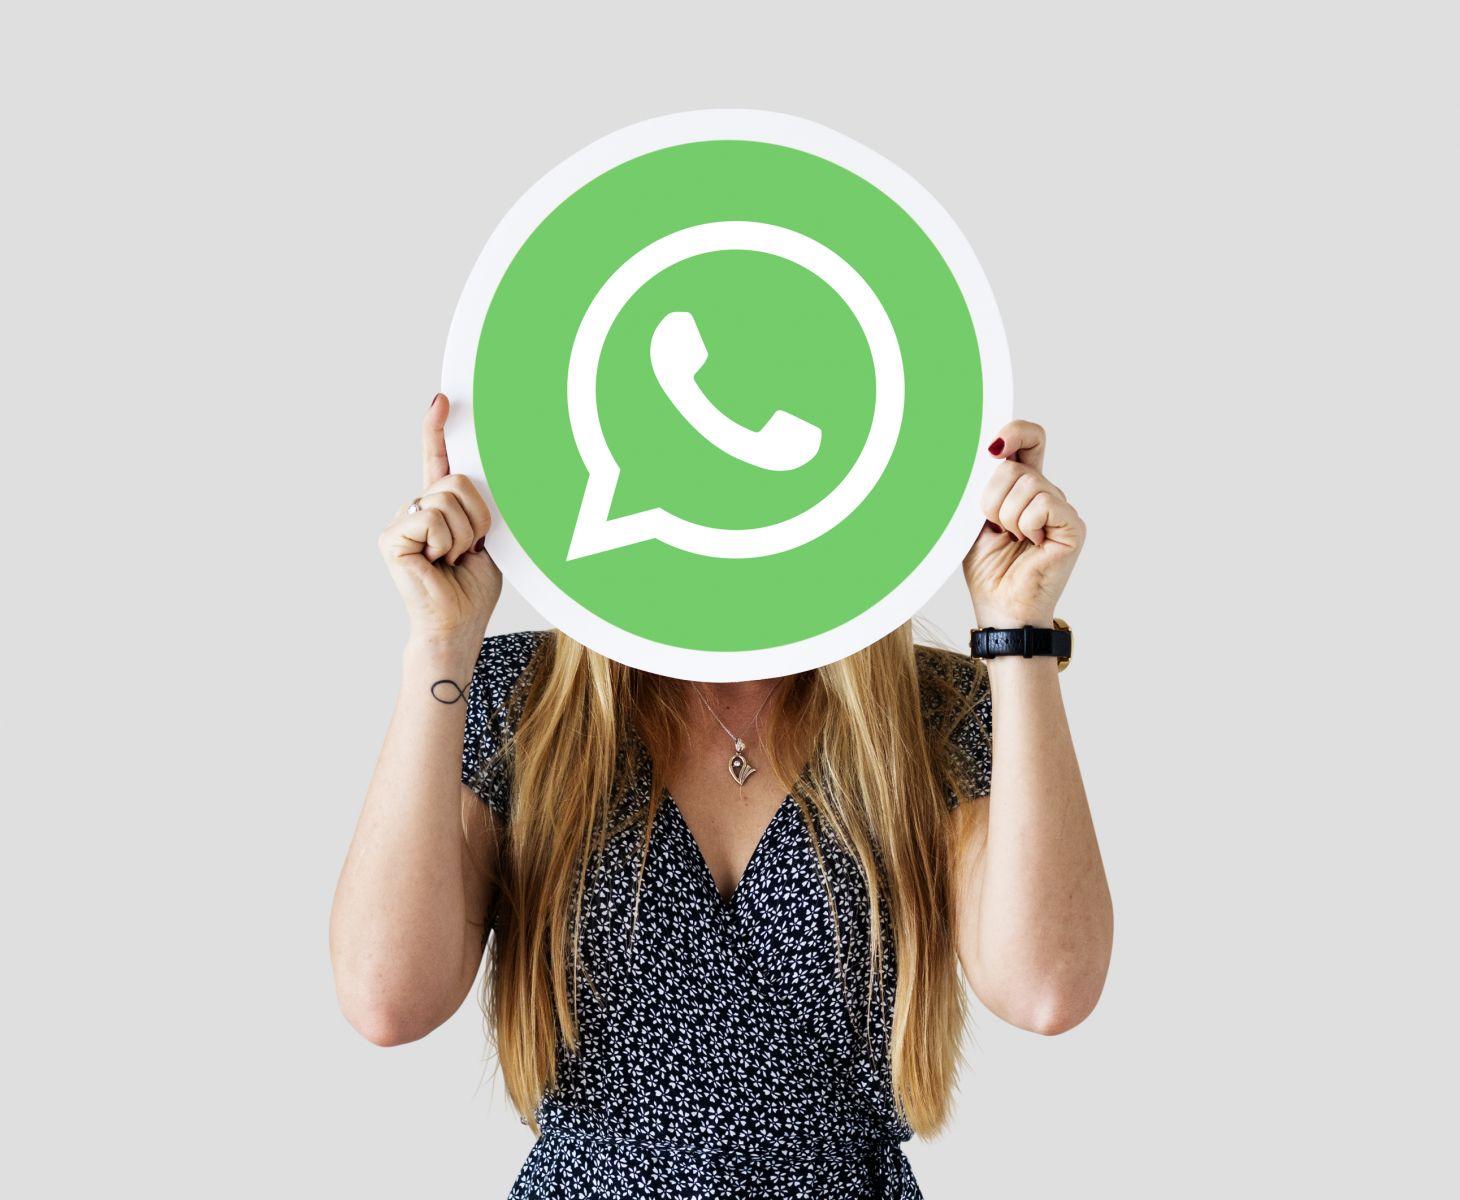 Cek Informasi Hoaks Kini Bisa Lewat Whatsapp, Sudah Tahu Caranya?